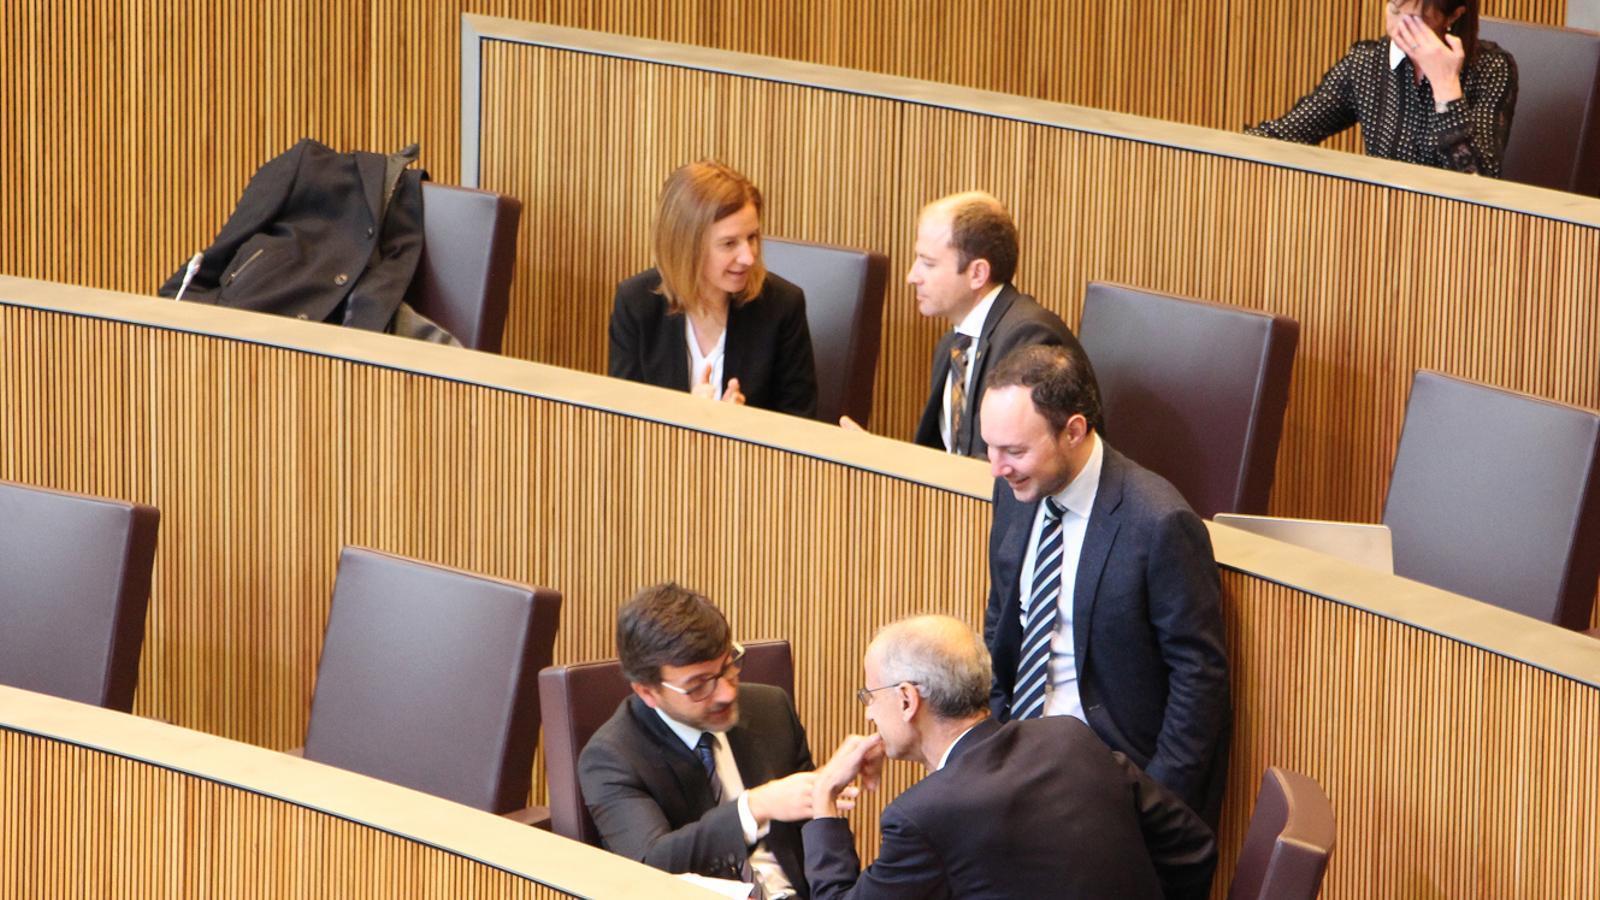 Els ministres de Finances, Jordi Cinca, i Afers Socials, Justícia i Interior, Xavier Espot, conversen amb el cap de Govern, Toni Martí, durant una pausa en la sessió de Consell General. M. F. (ANA)